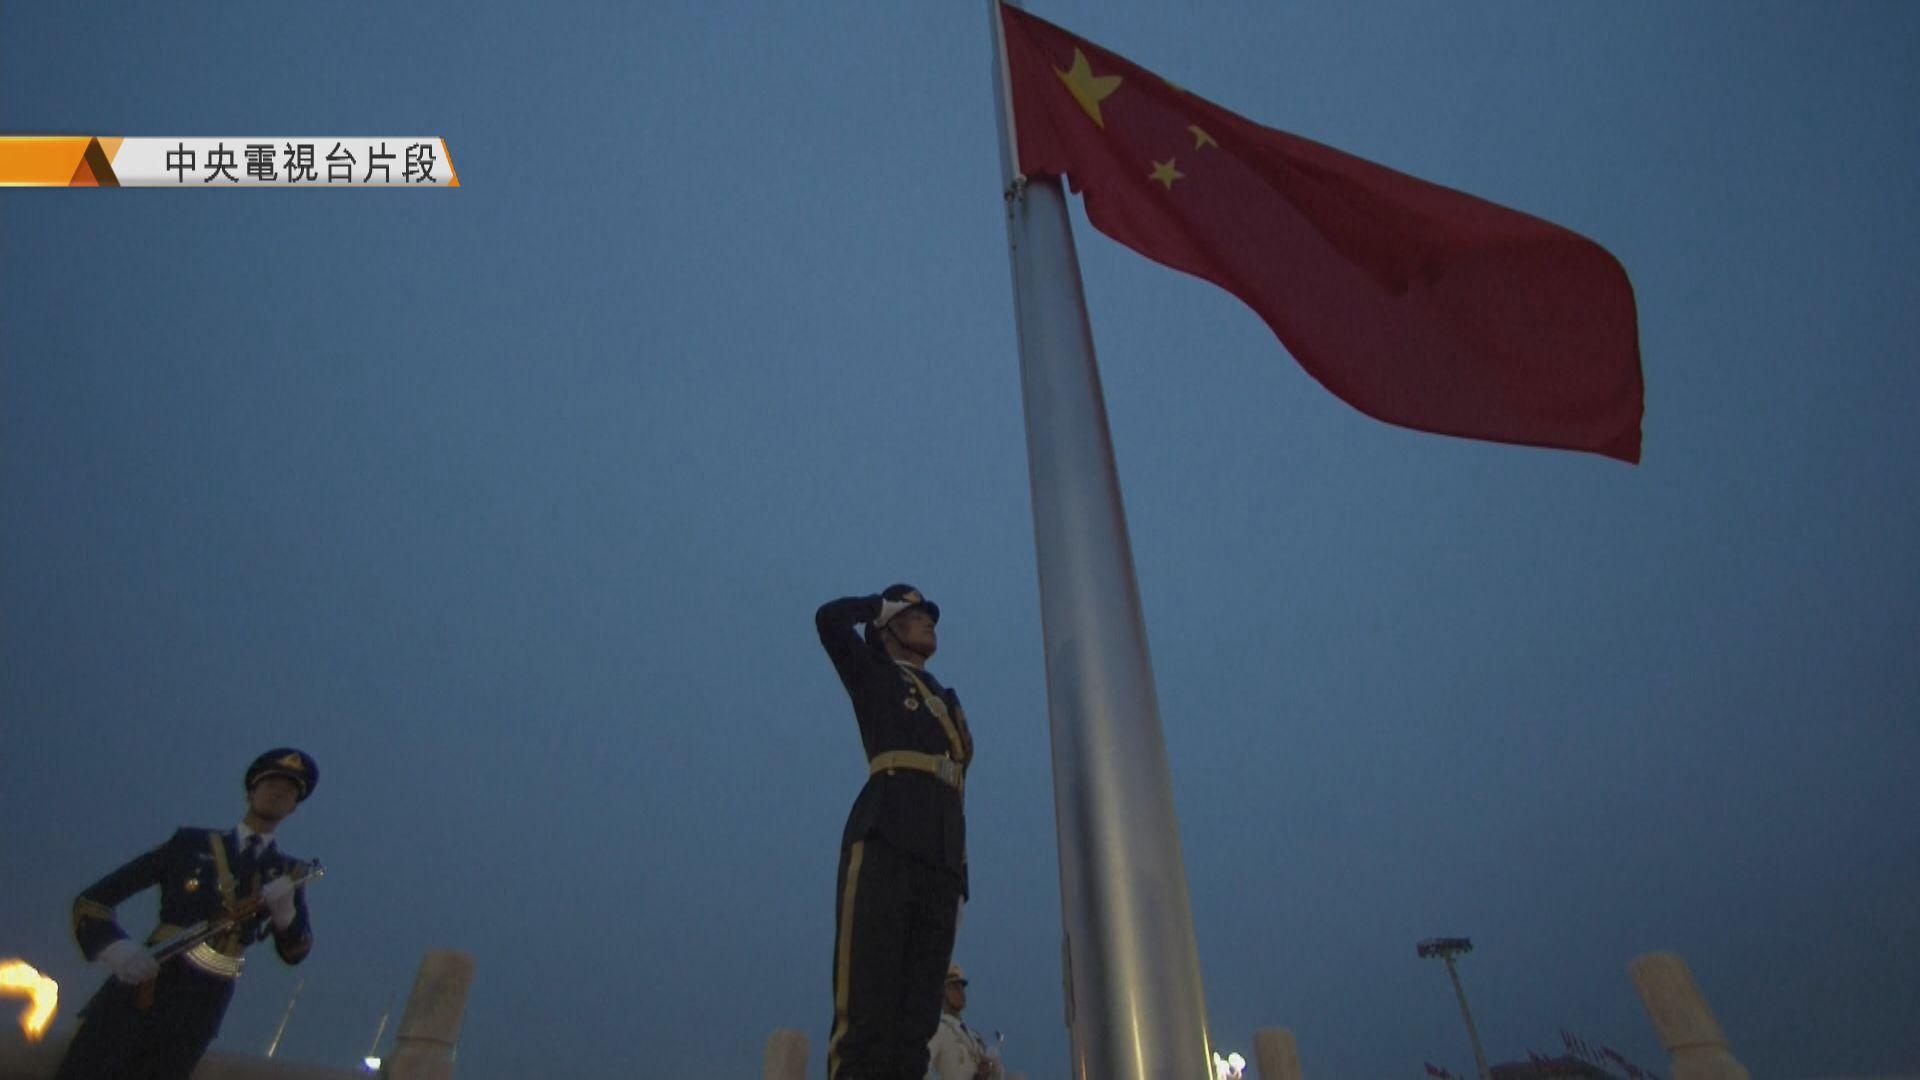 國慶71周年北京天安門舉行升旗儀式